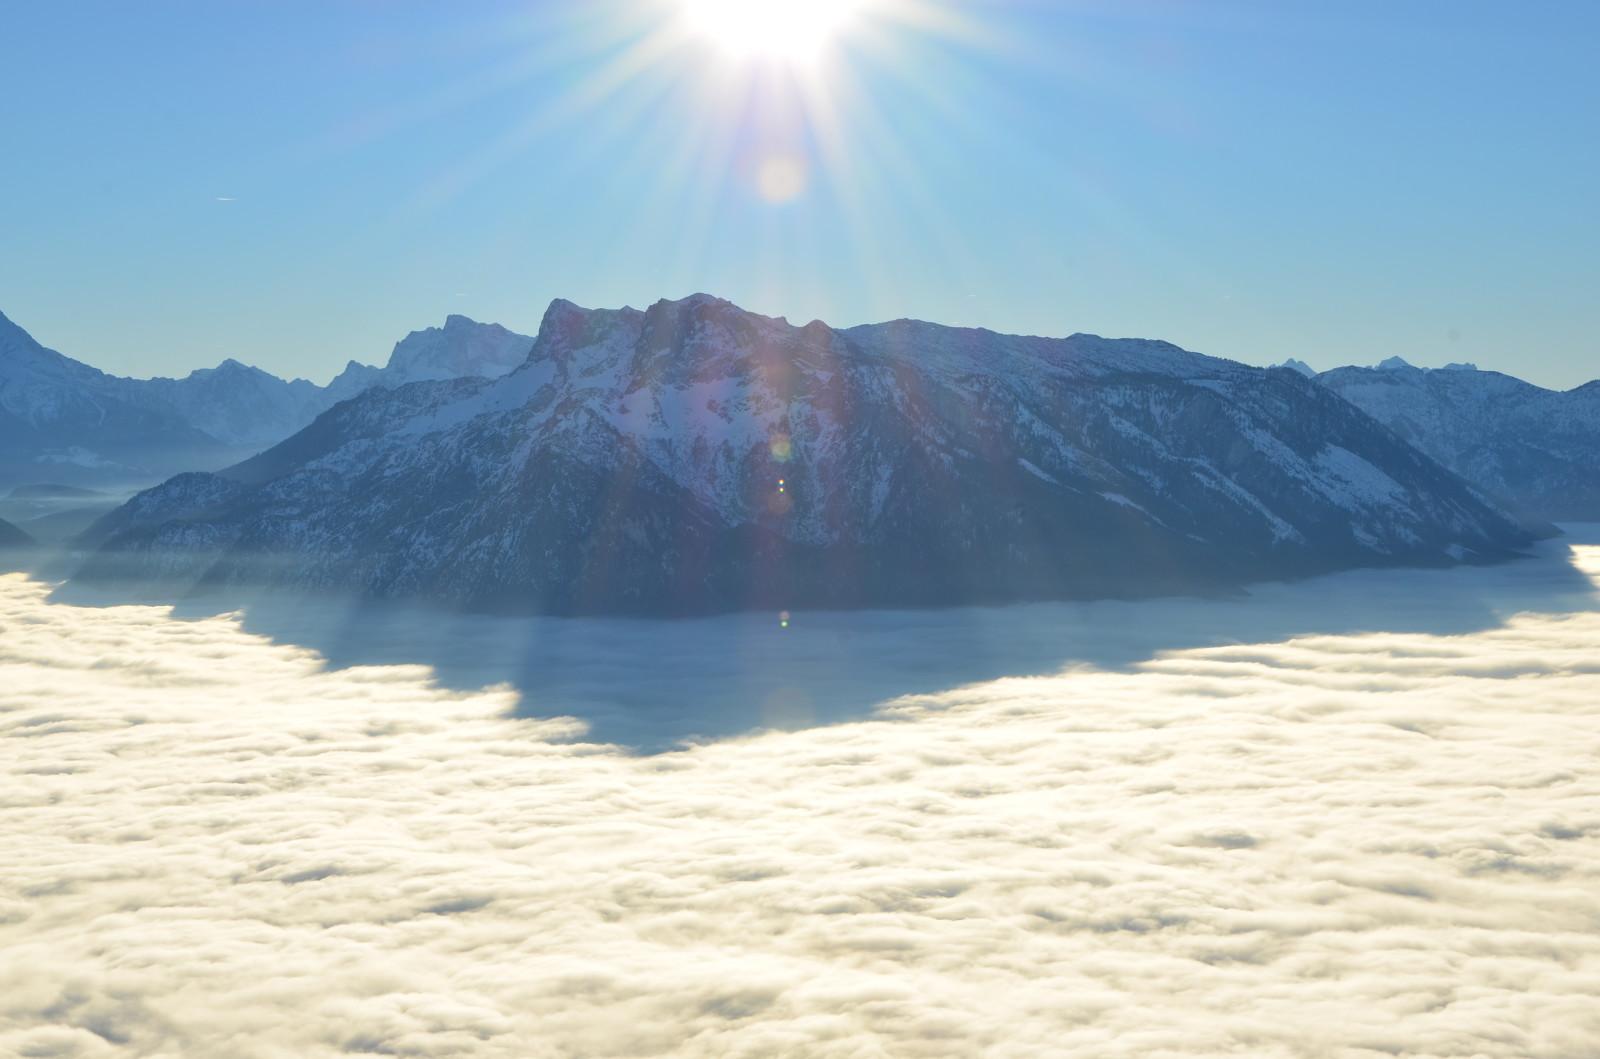 Der Untersberg erhebt sich aus dem Nebelmeer